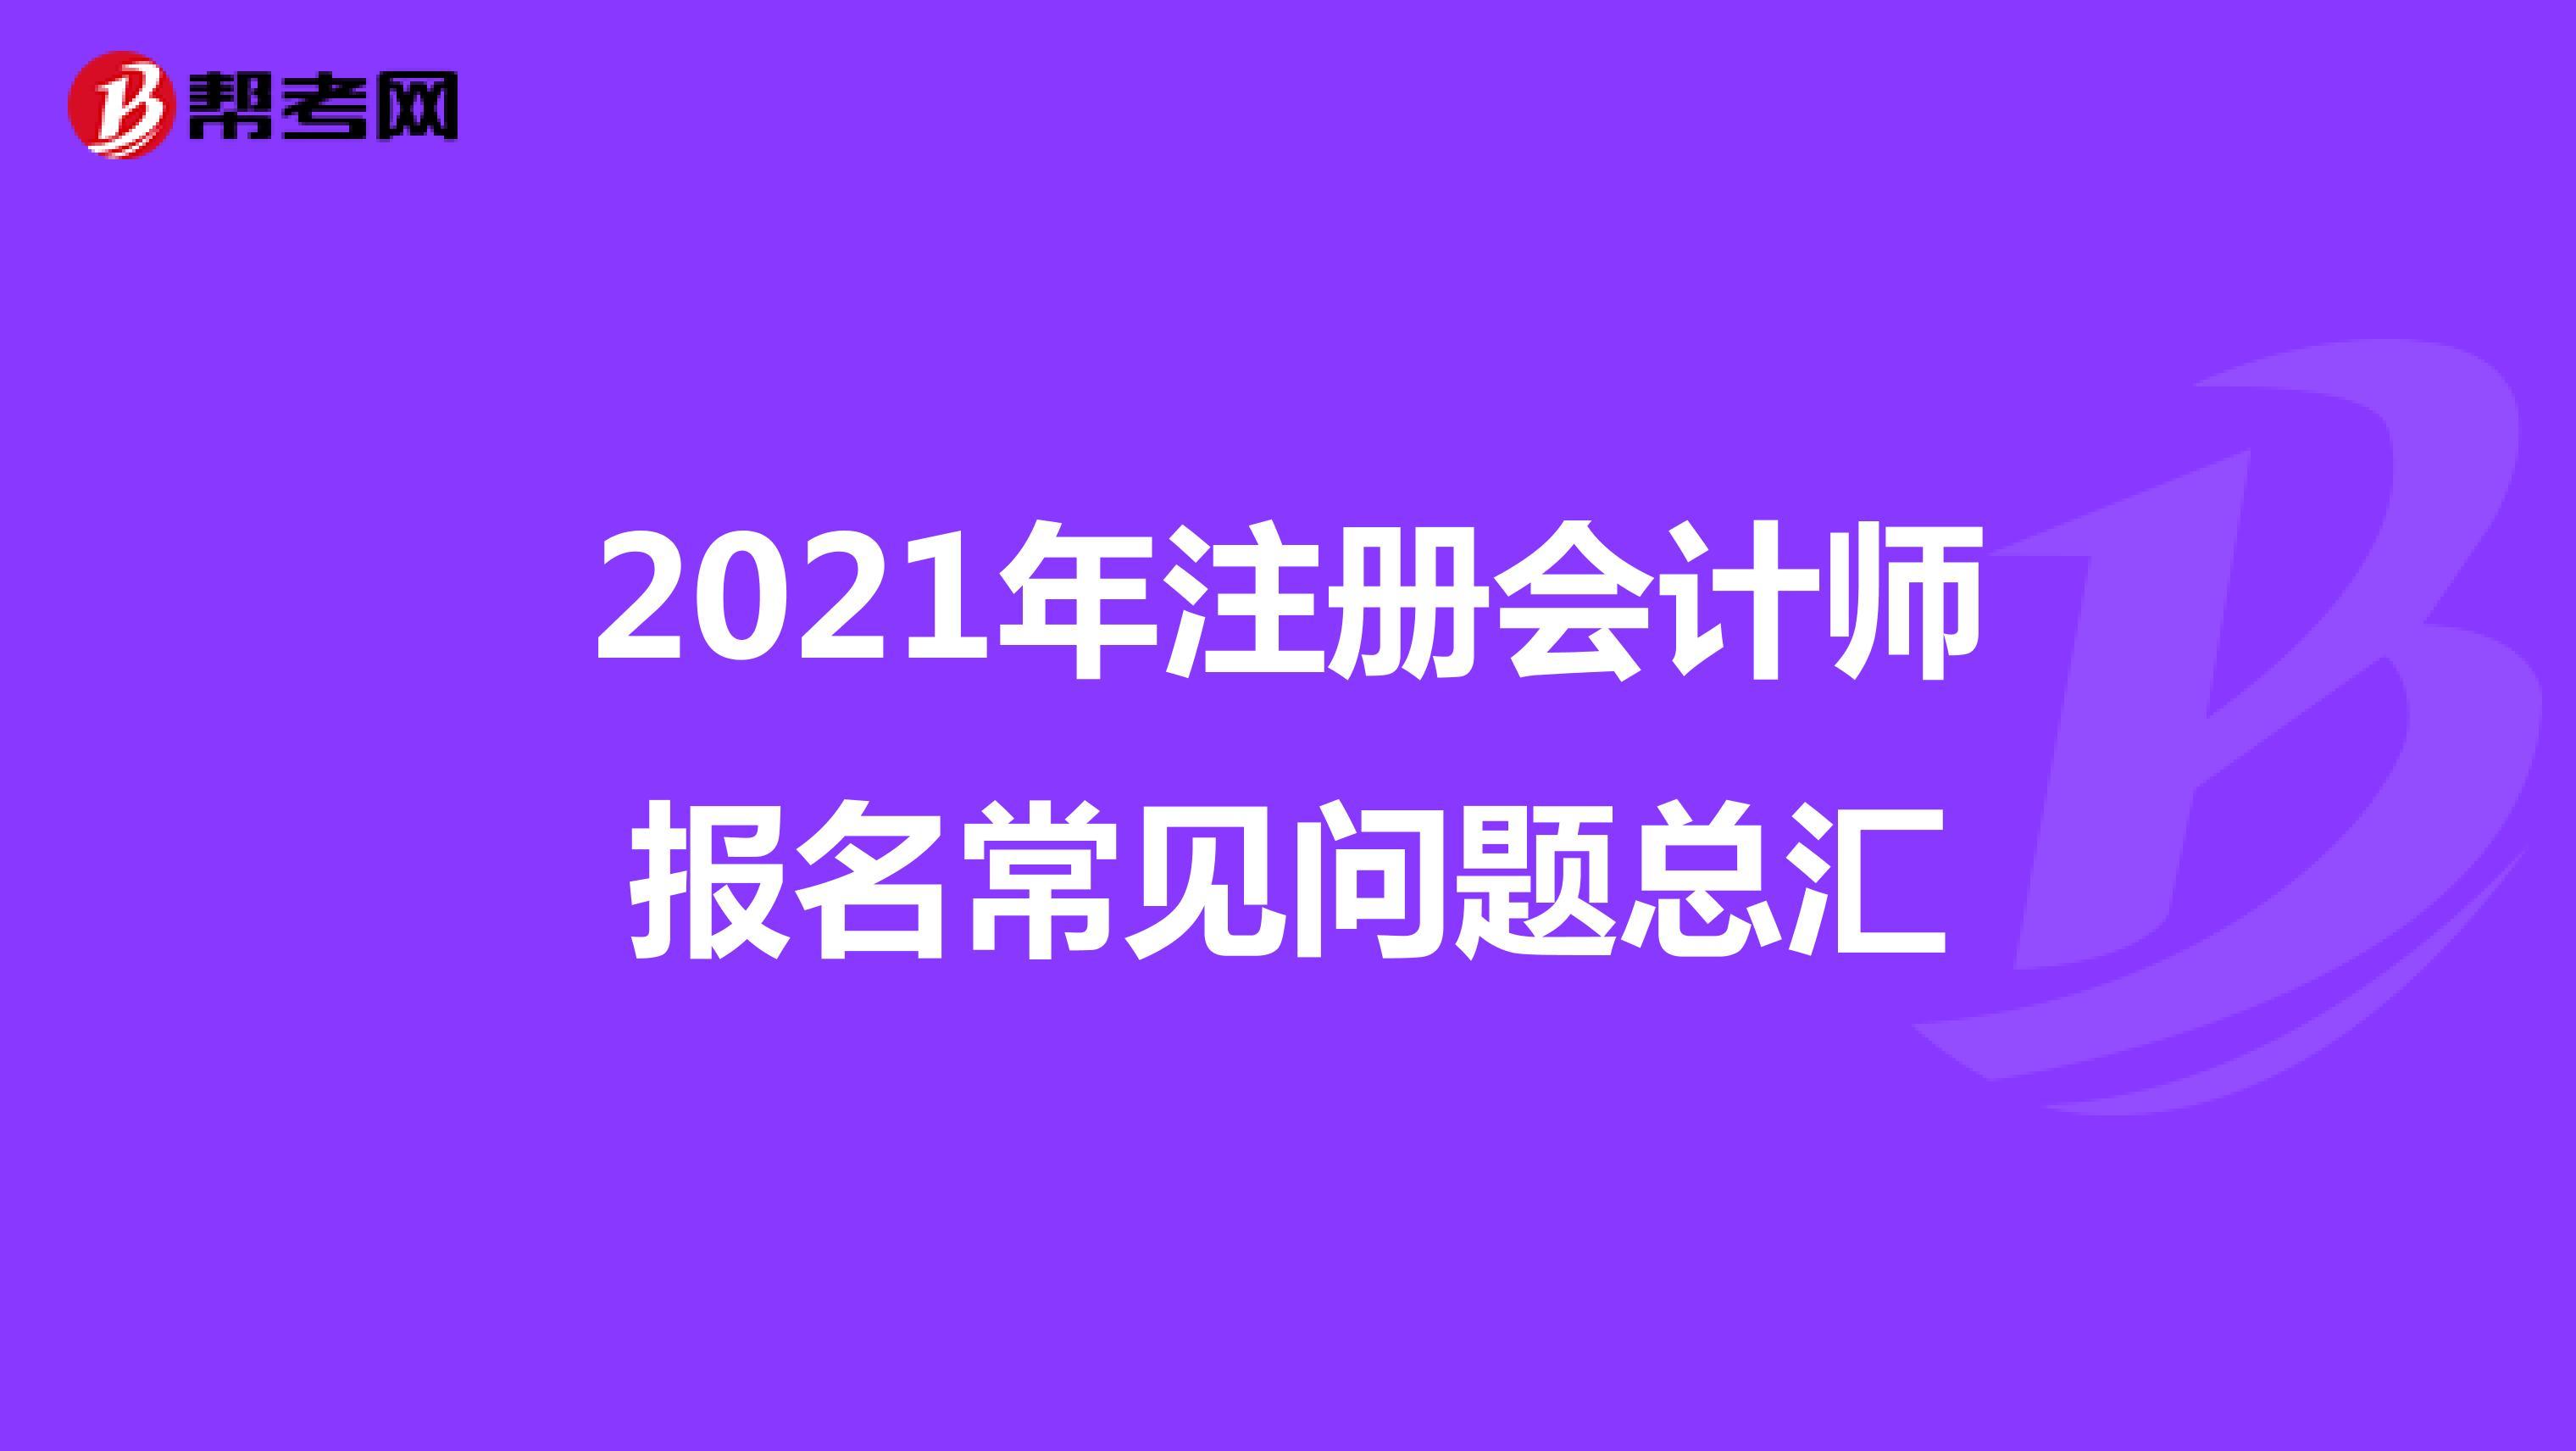 2021年注册会计师报名常见问题总汇